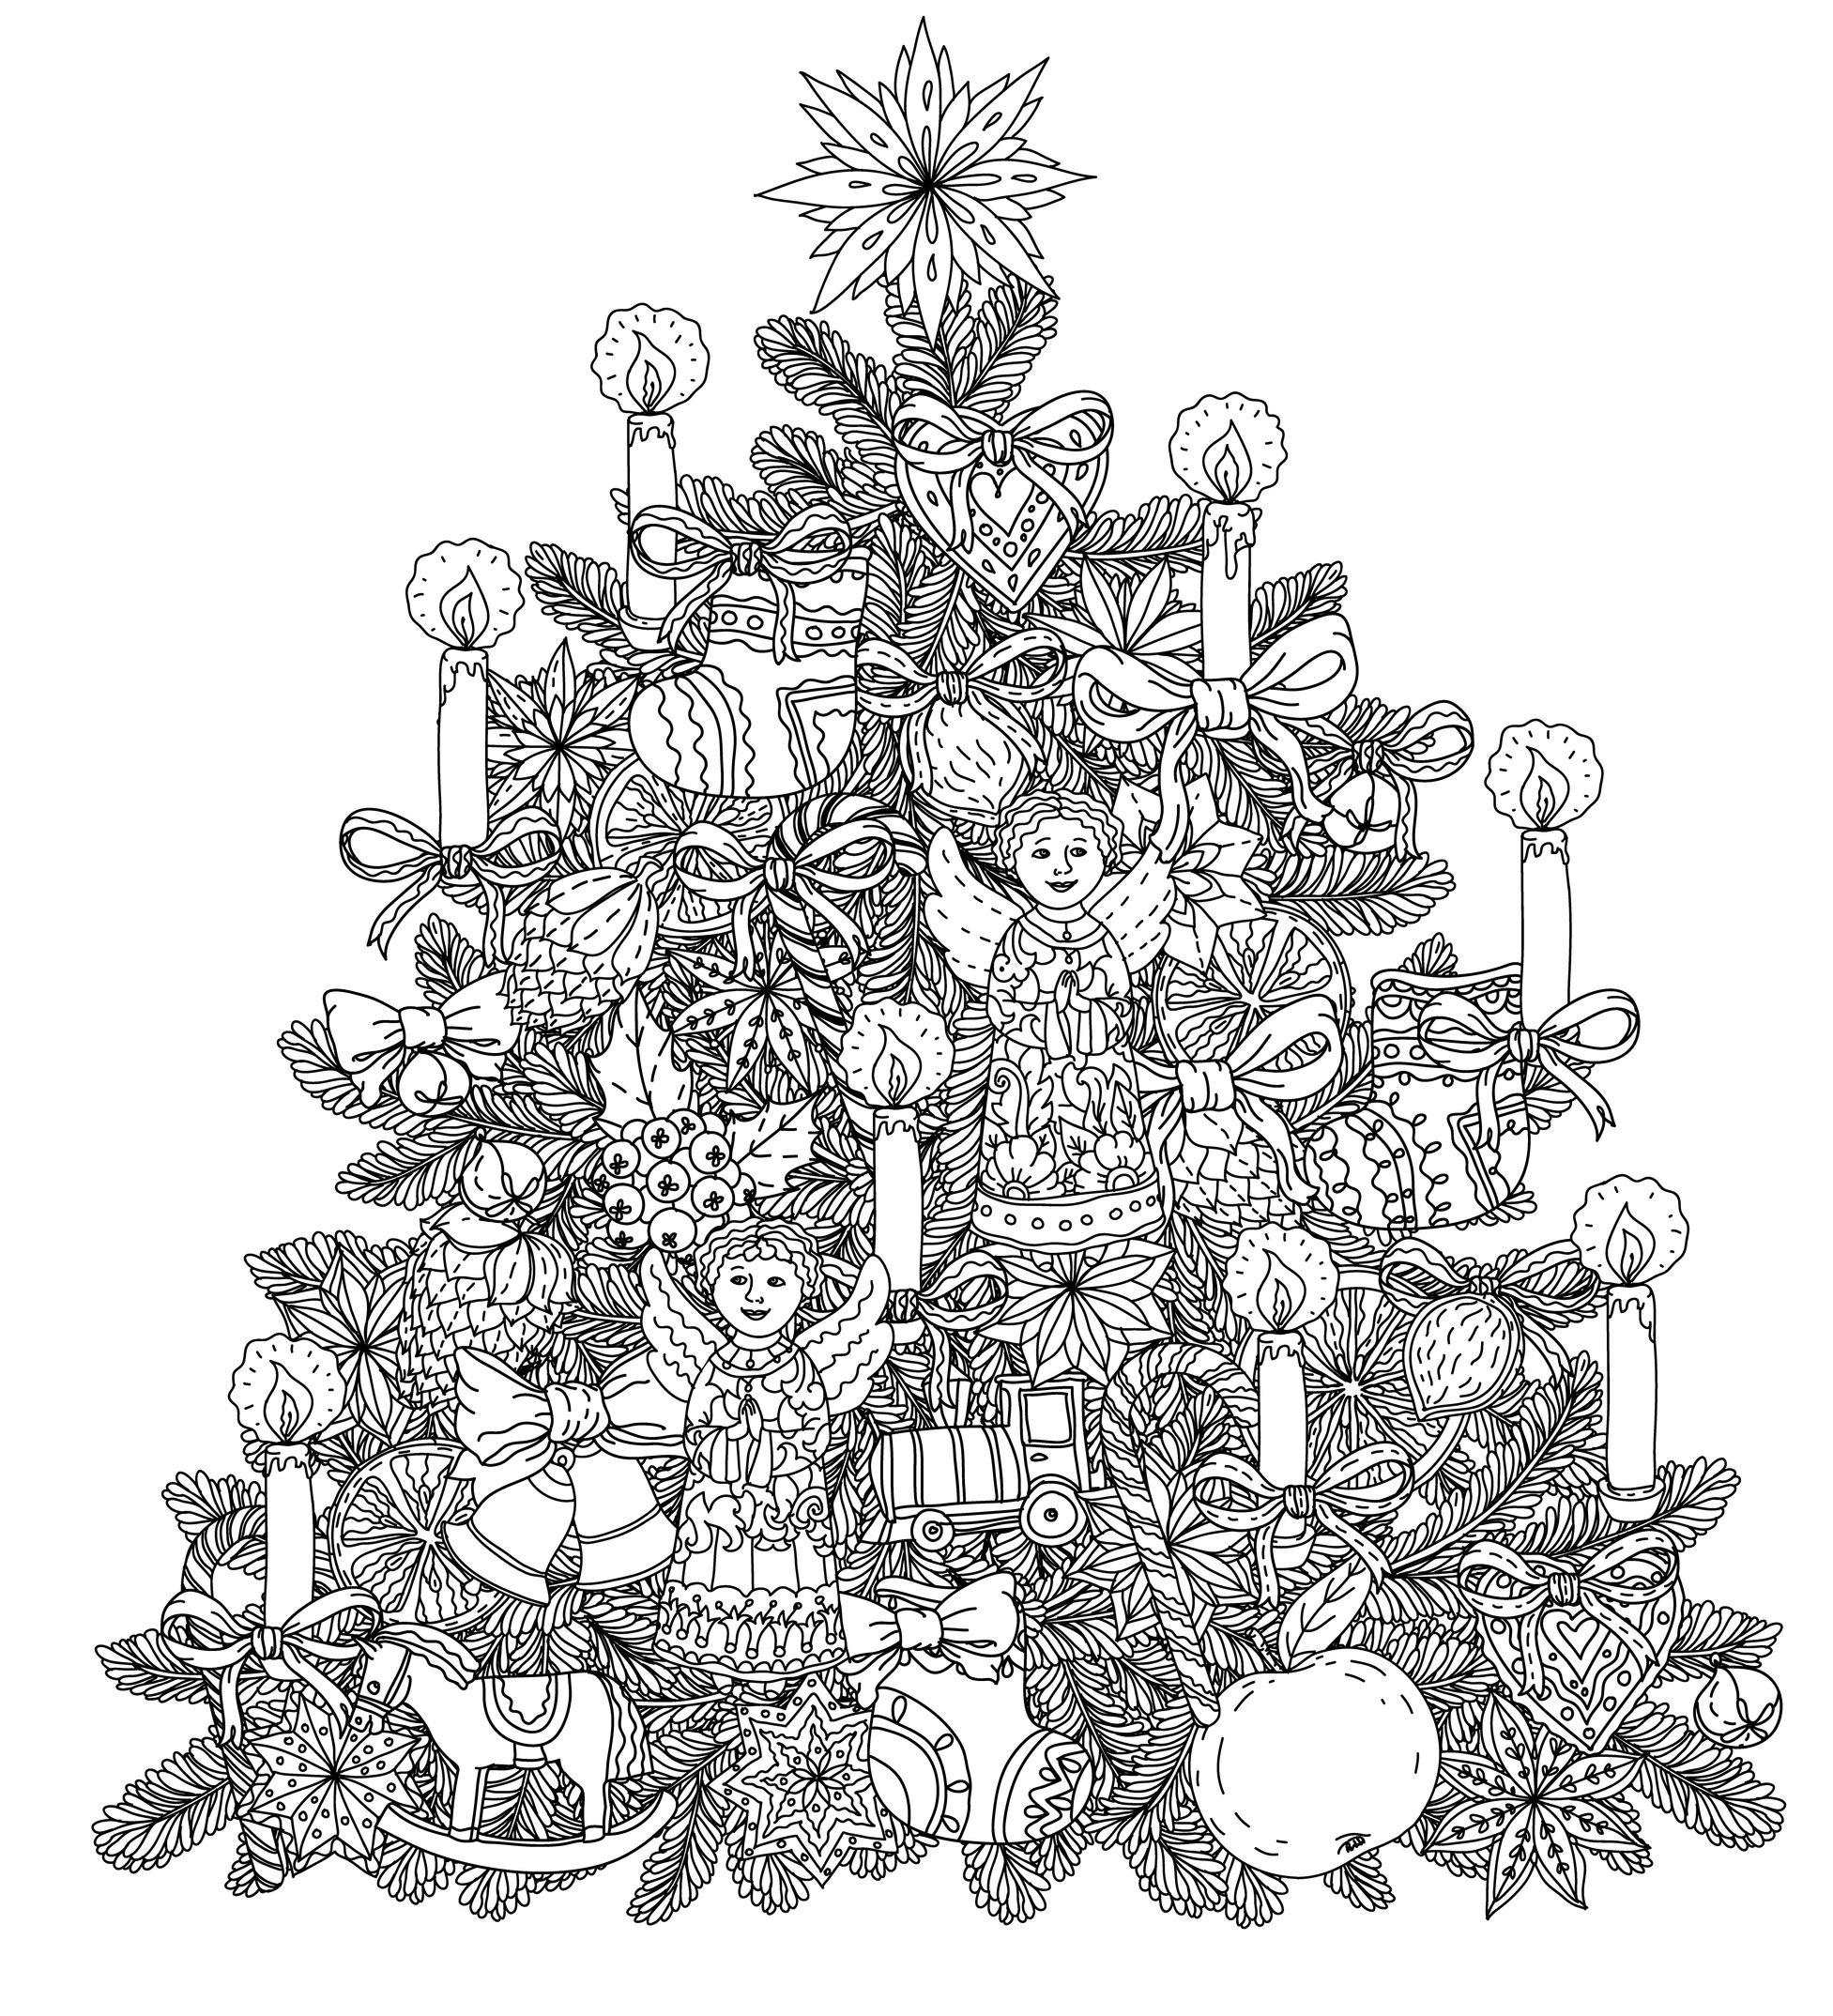 Disegni Di Natale Da Colorare Per Adulti.Natale 8 Natale Disegni Da Colorare Per Adulti